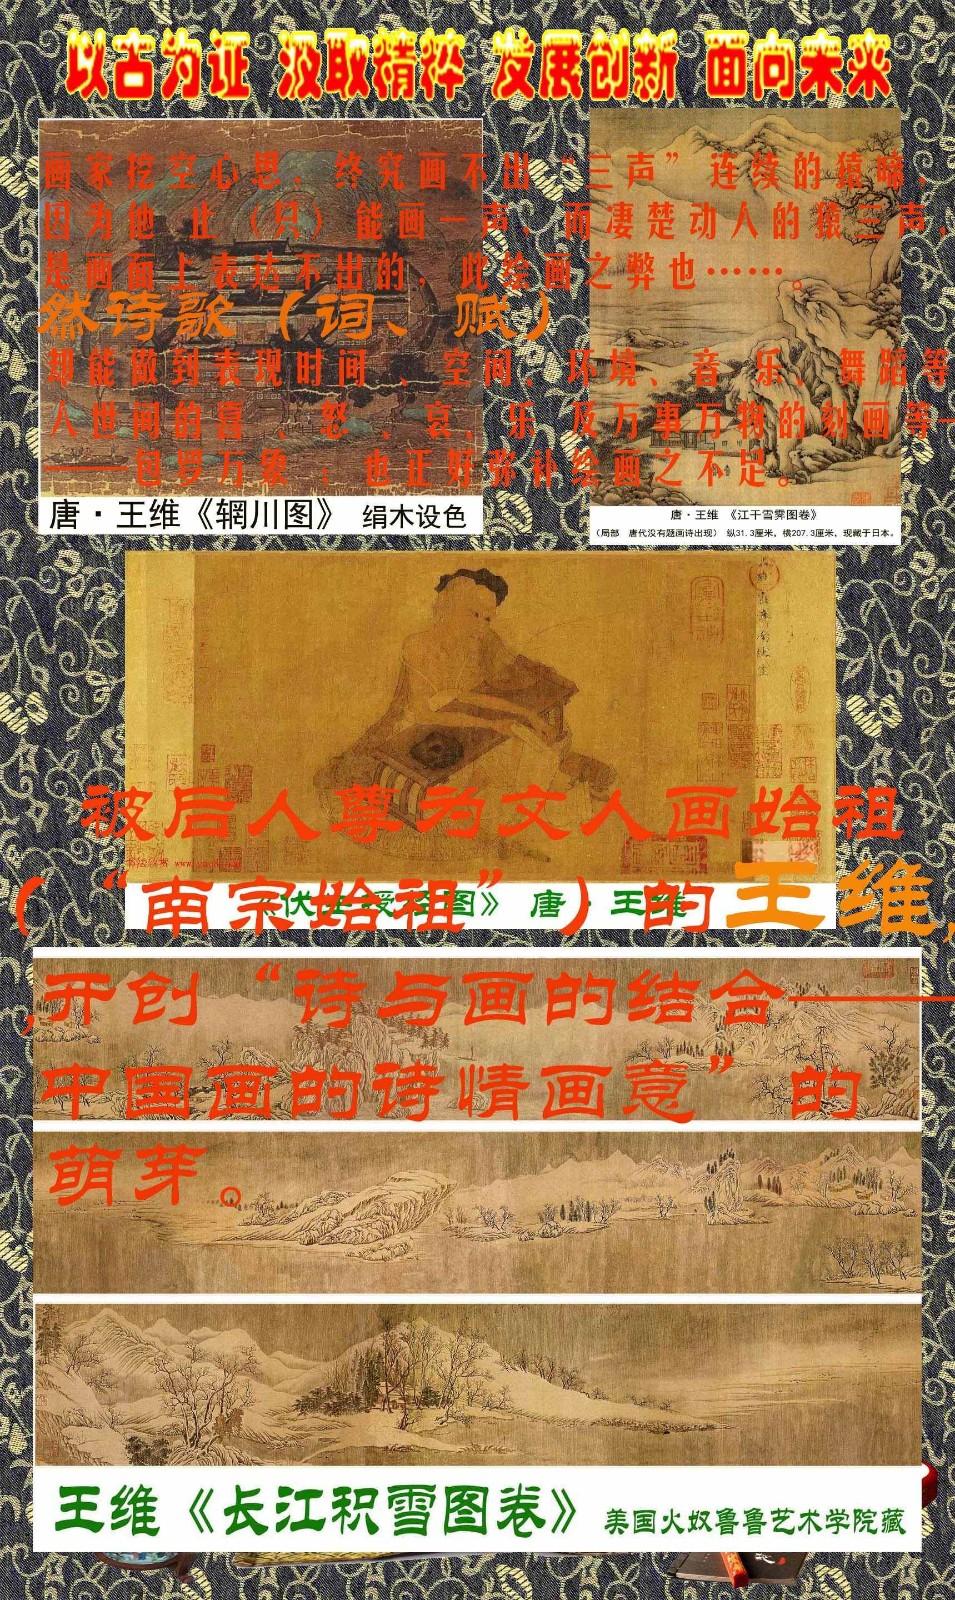 """""""顾绍骅的诗情画意""""《百家号》带你领略中国画史_图1-3"""